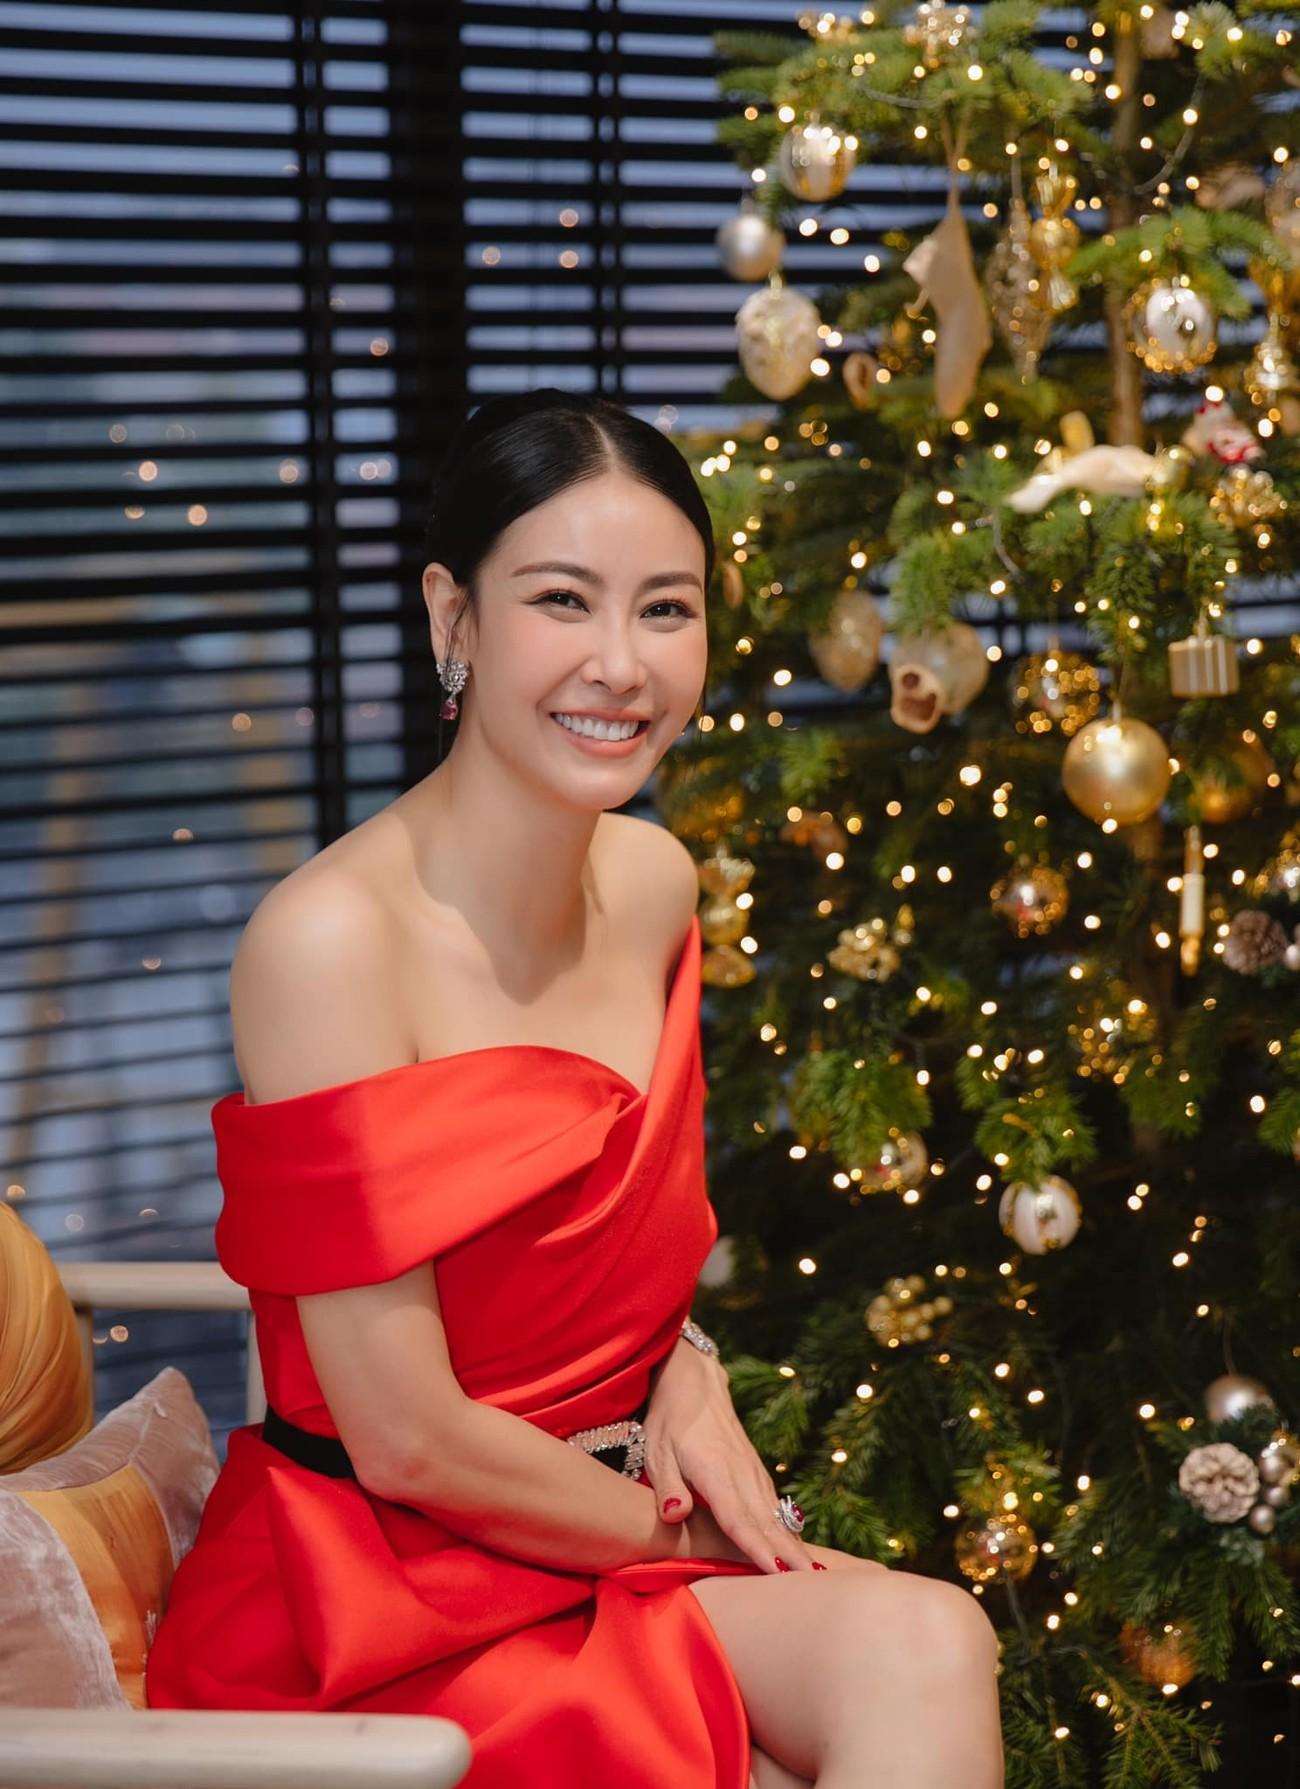 Tiểu Vy, Hà Kiều Anh và dàn hậu diện váy đỏ rực khoe dáng nóng bỏng đêm Giáng Sinh ảnh 3